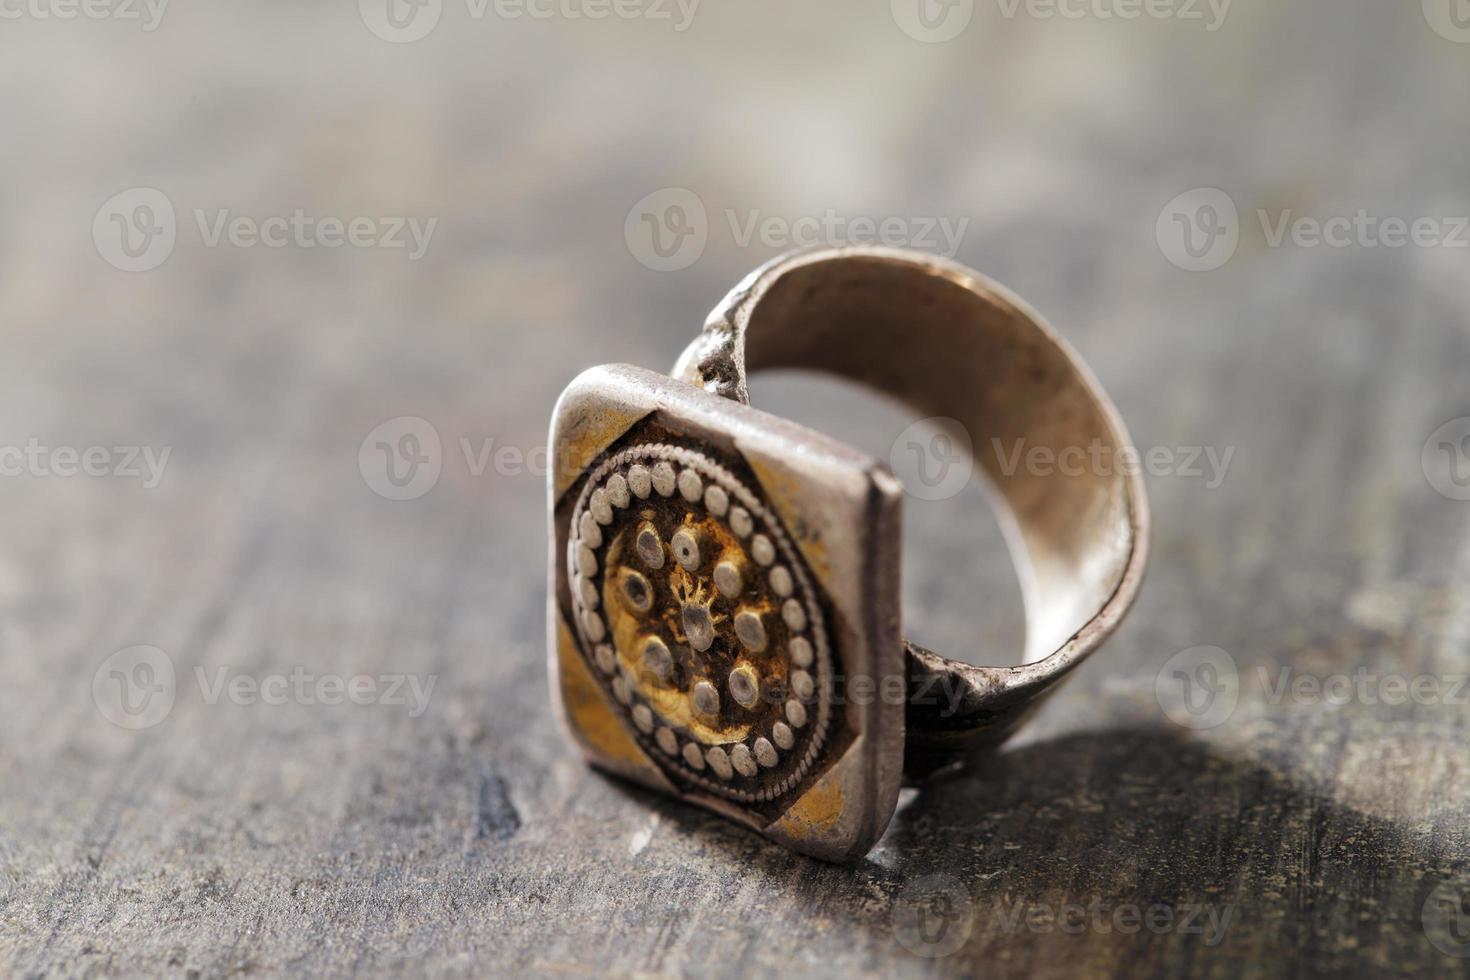 joias de prata tradicionais do sul da península arábica foto